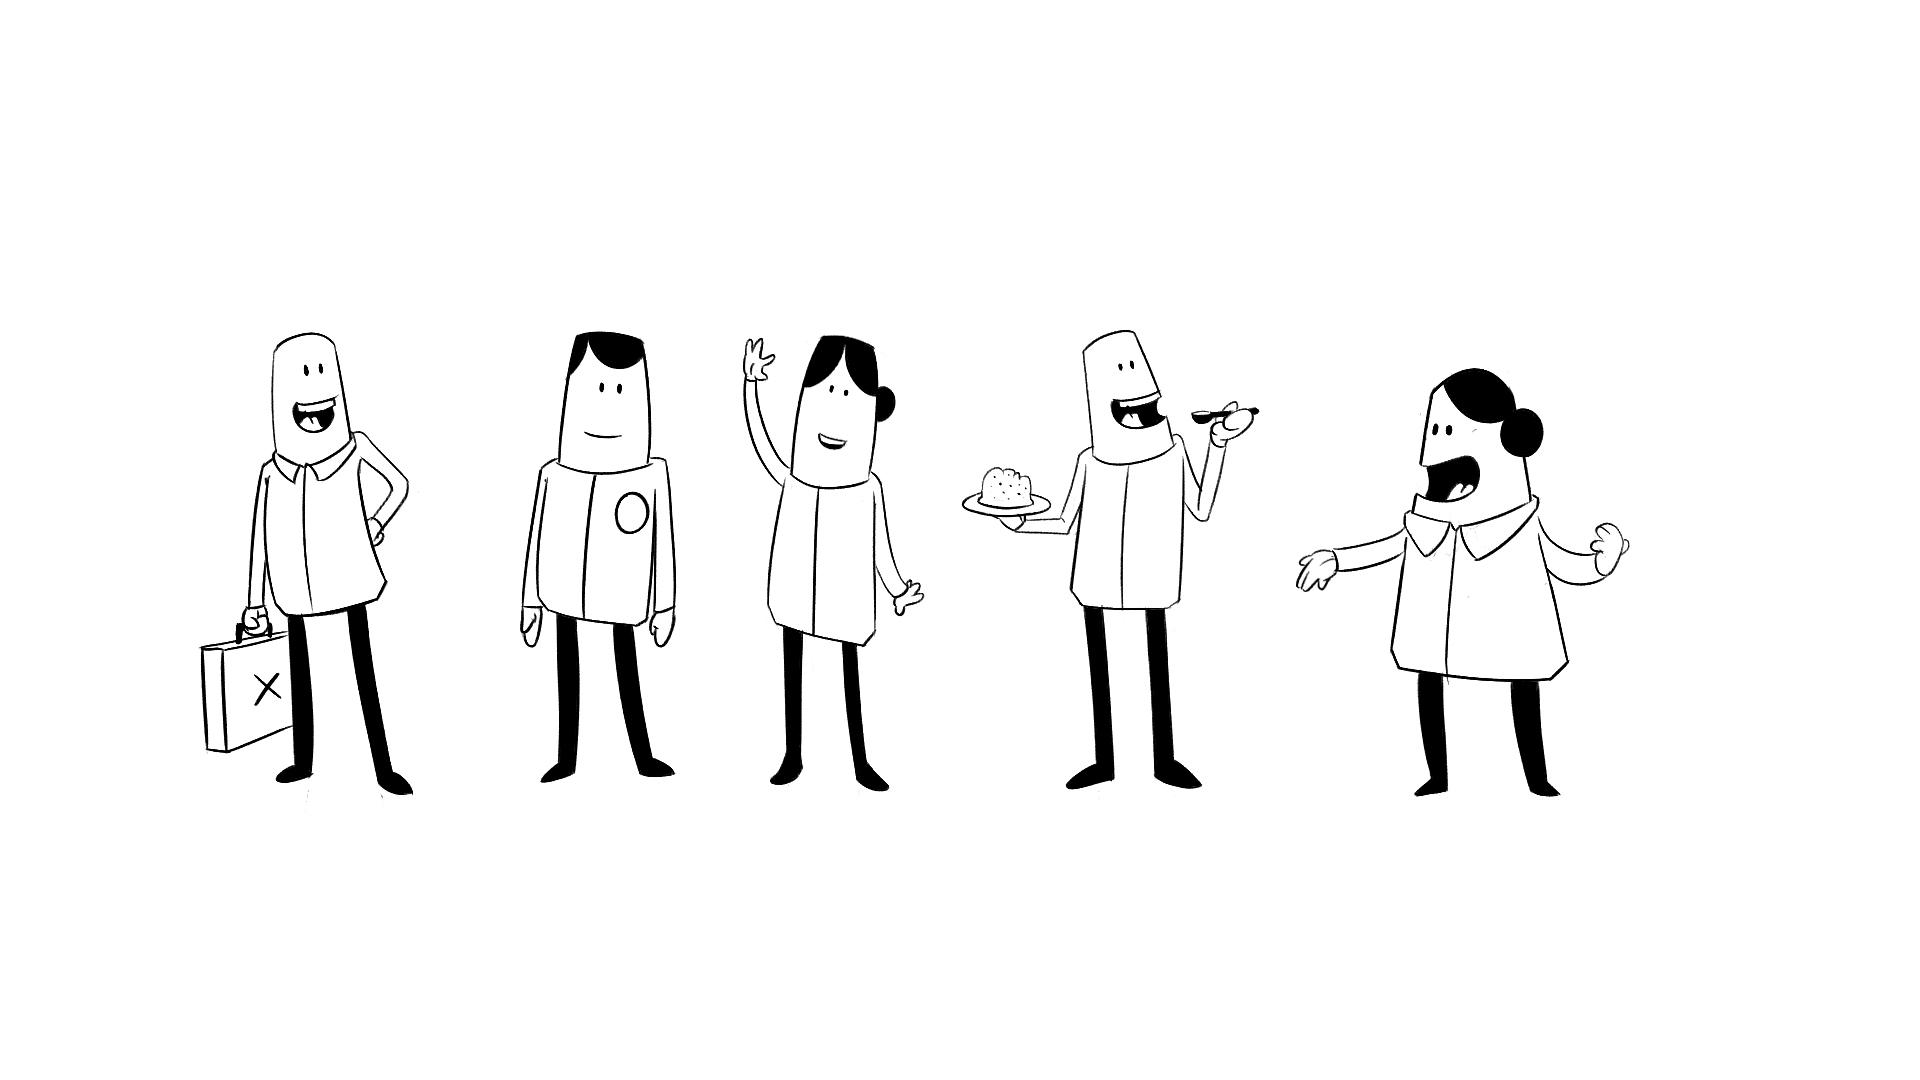 Simple Character Design Illustrator : Simple character designs elian van der heiden